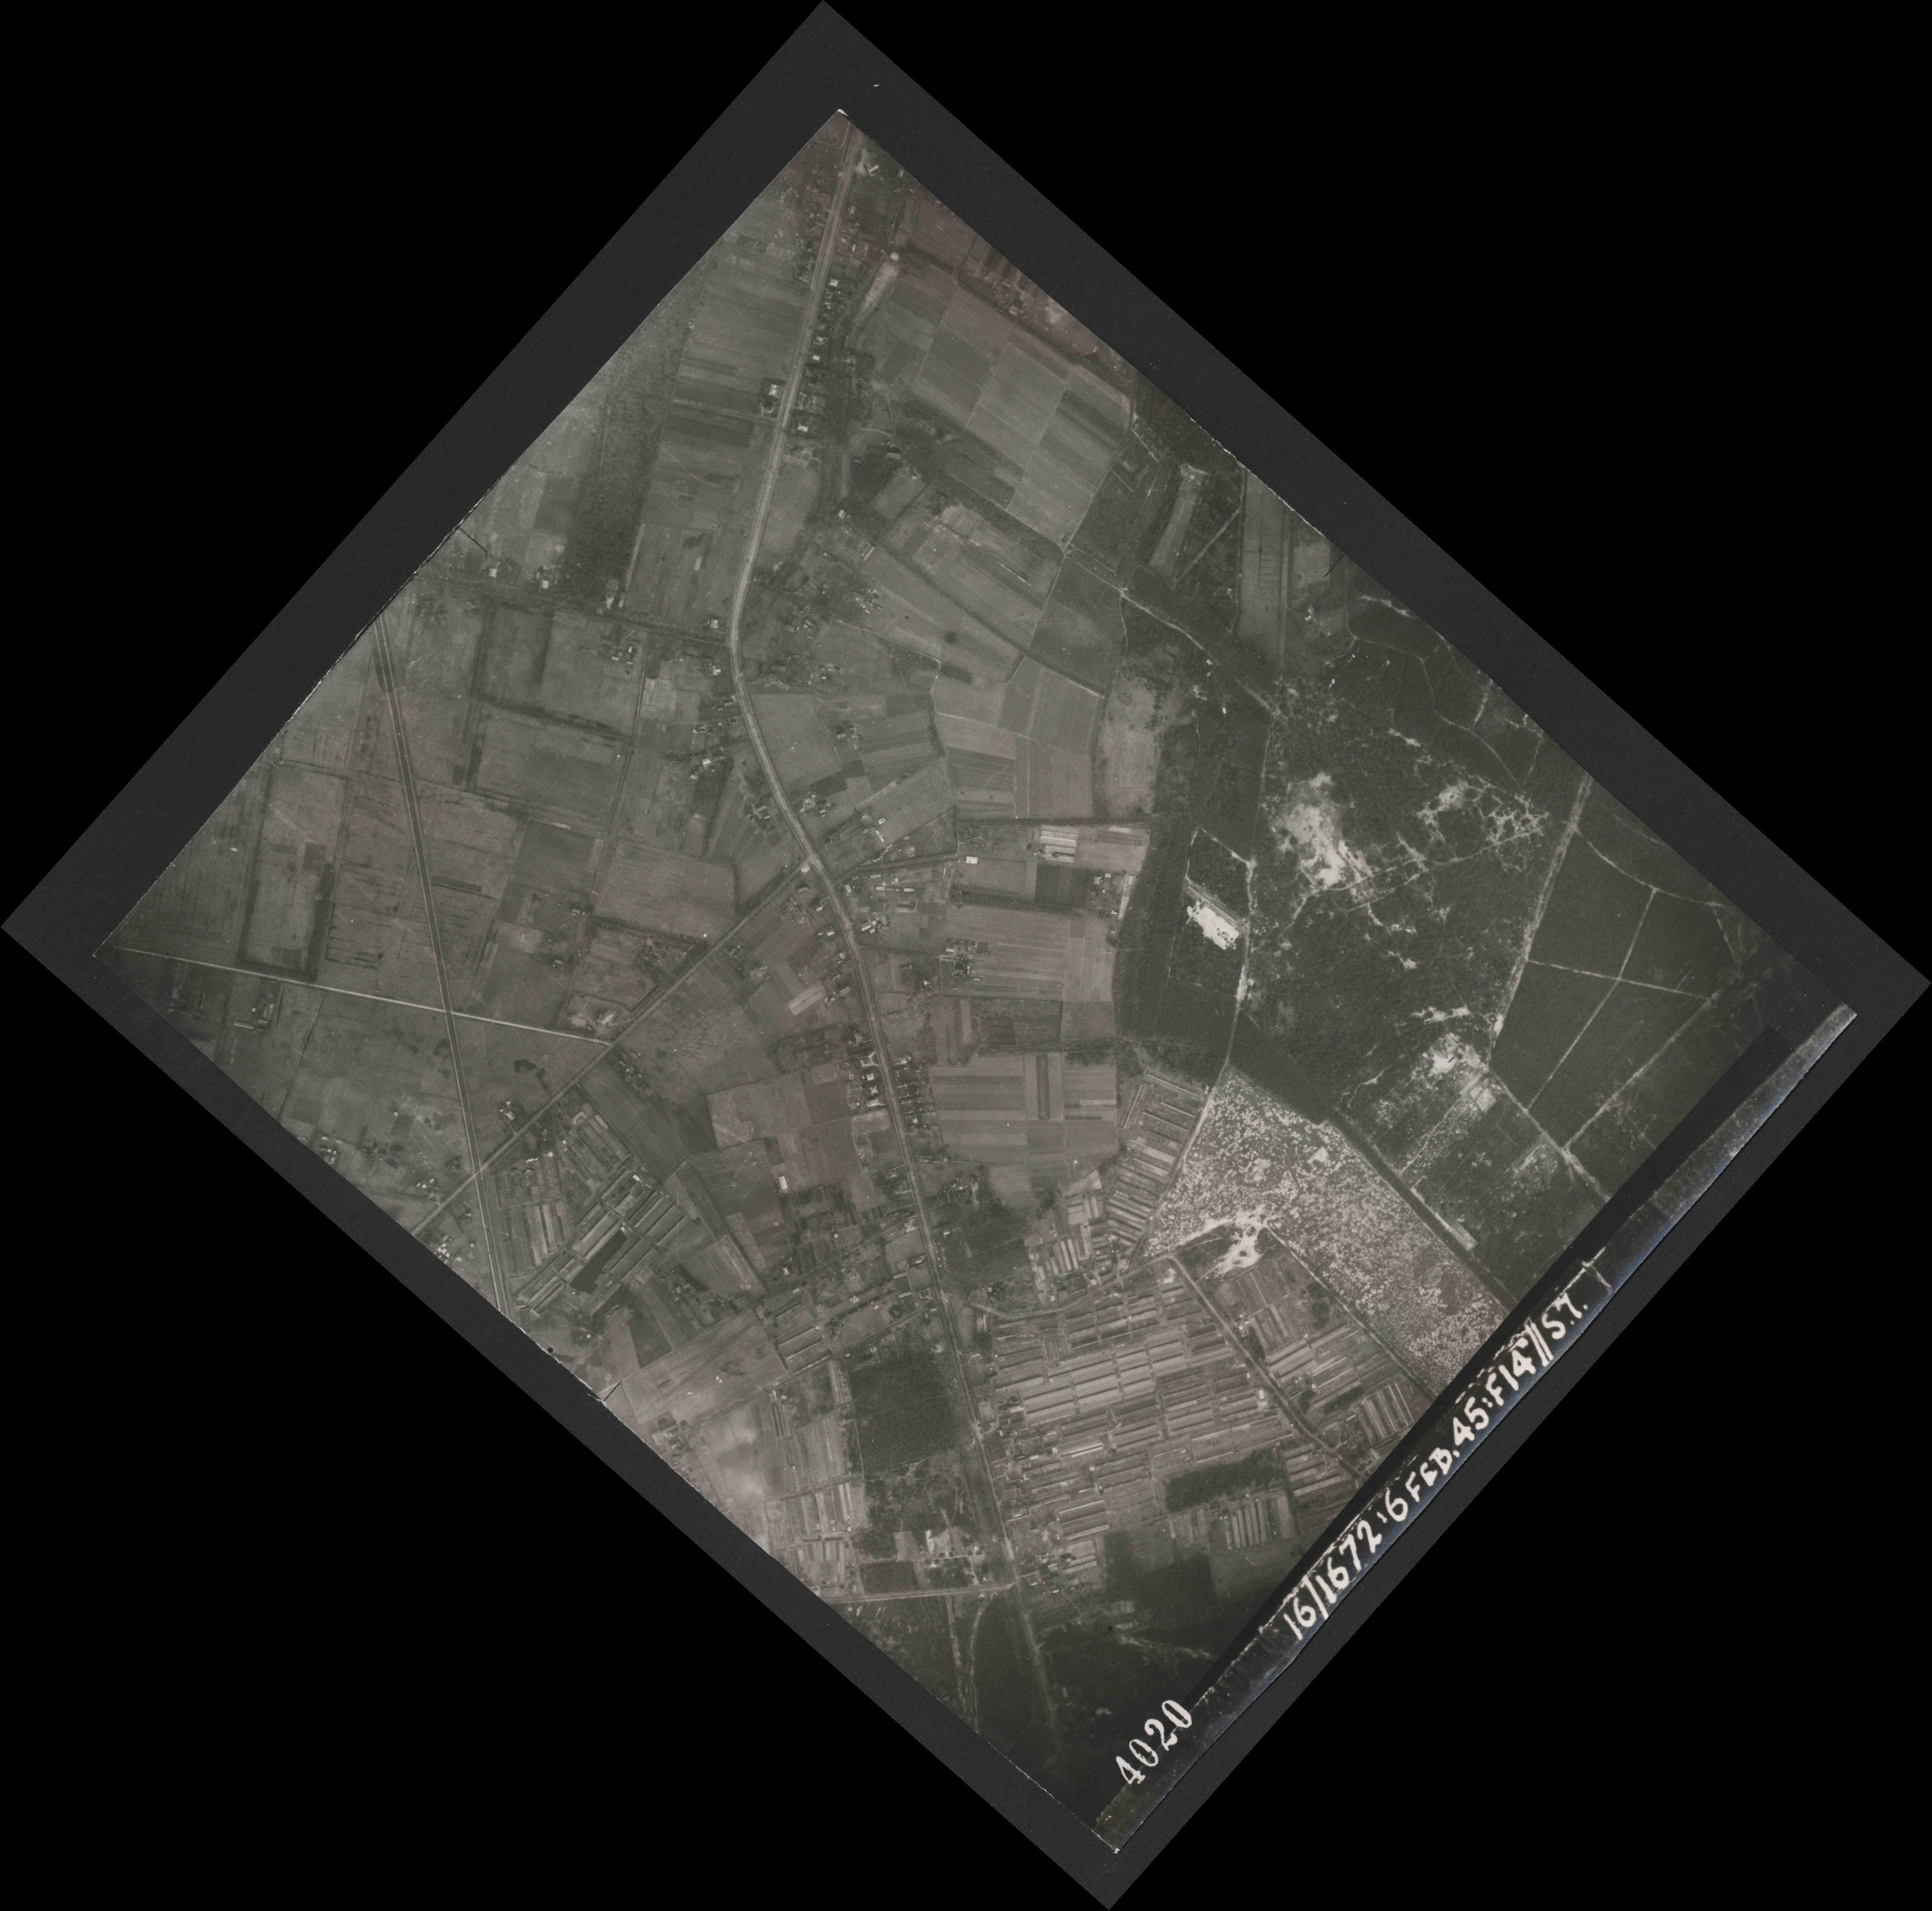 Collection RAF aerial photos 1940-1945 - flight 158, run 02, photo 4020